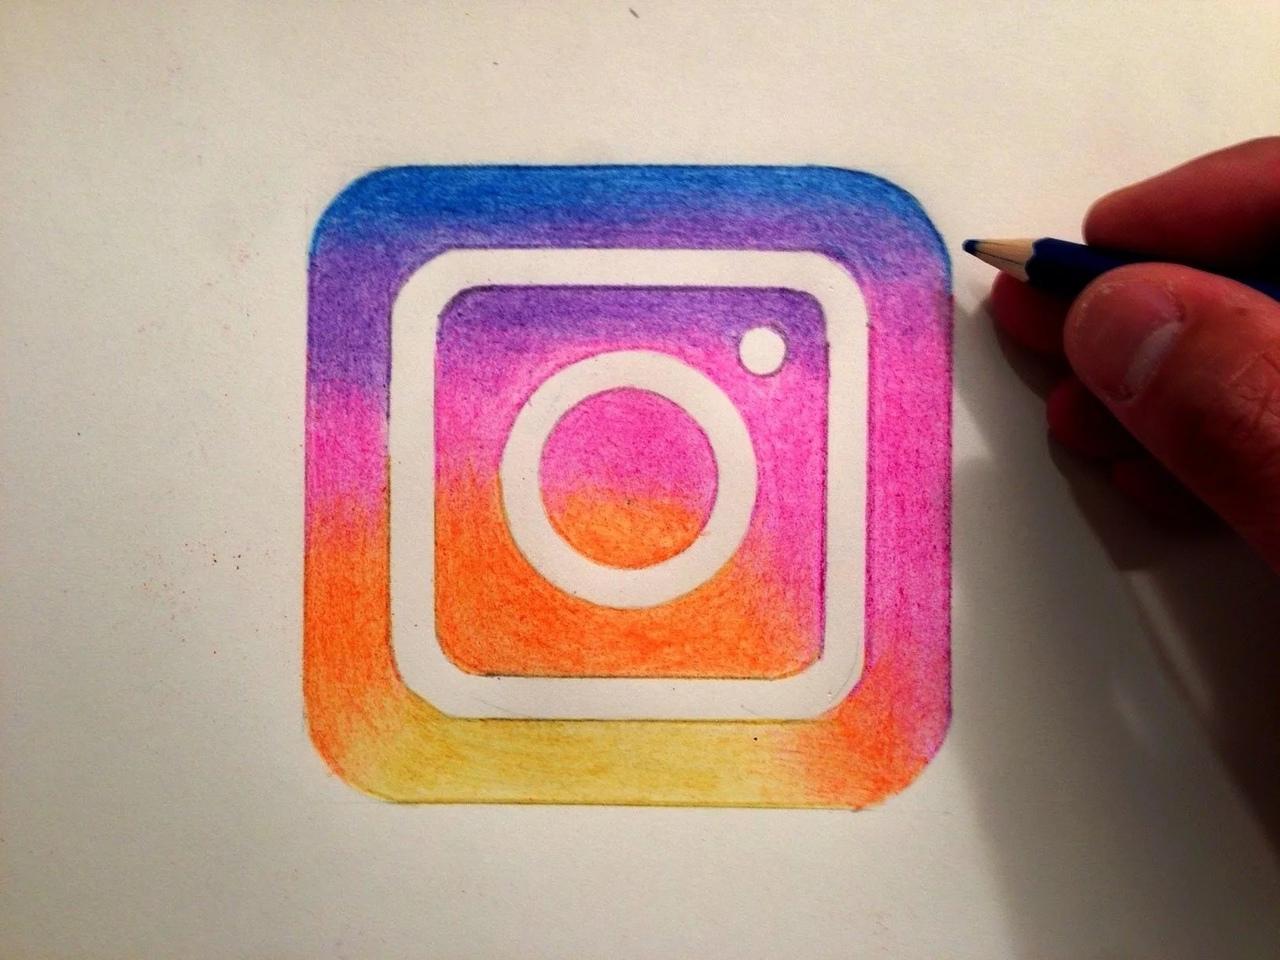 приложения чтобы рисовать на фото в инстаграм всего следует